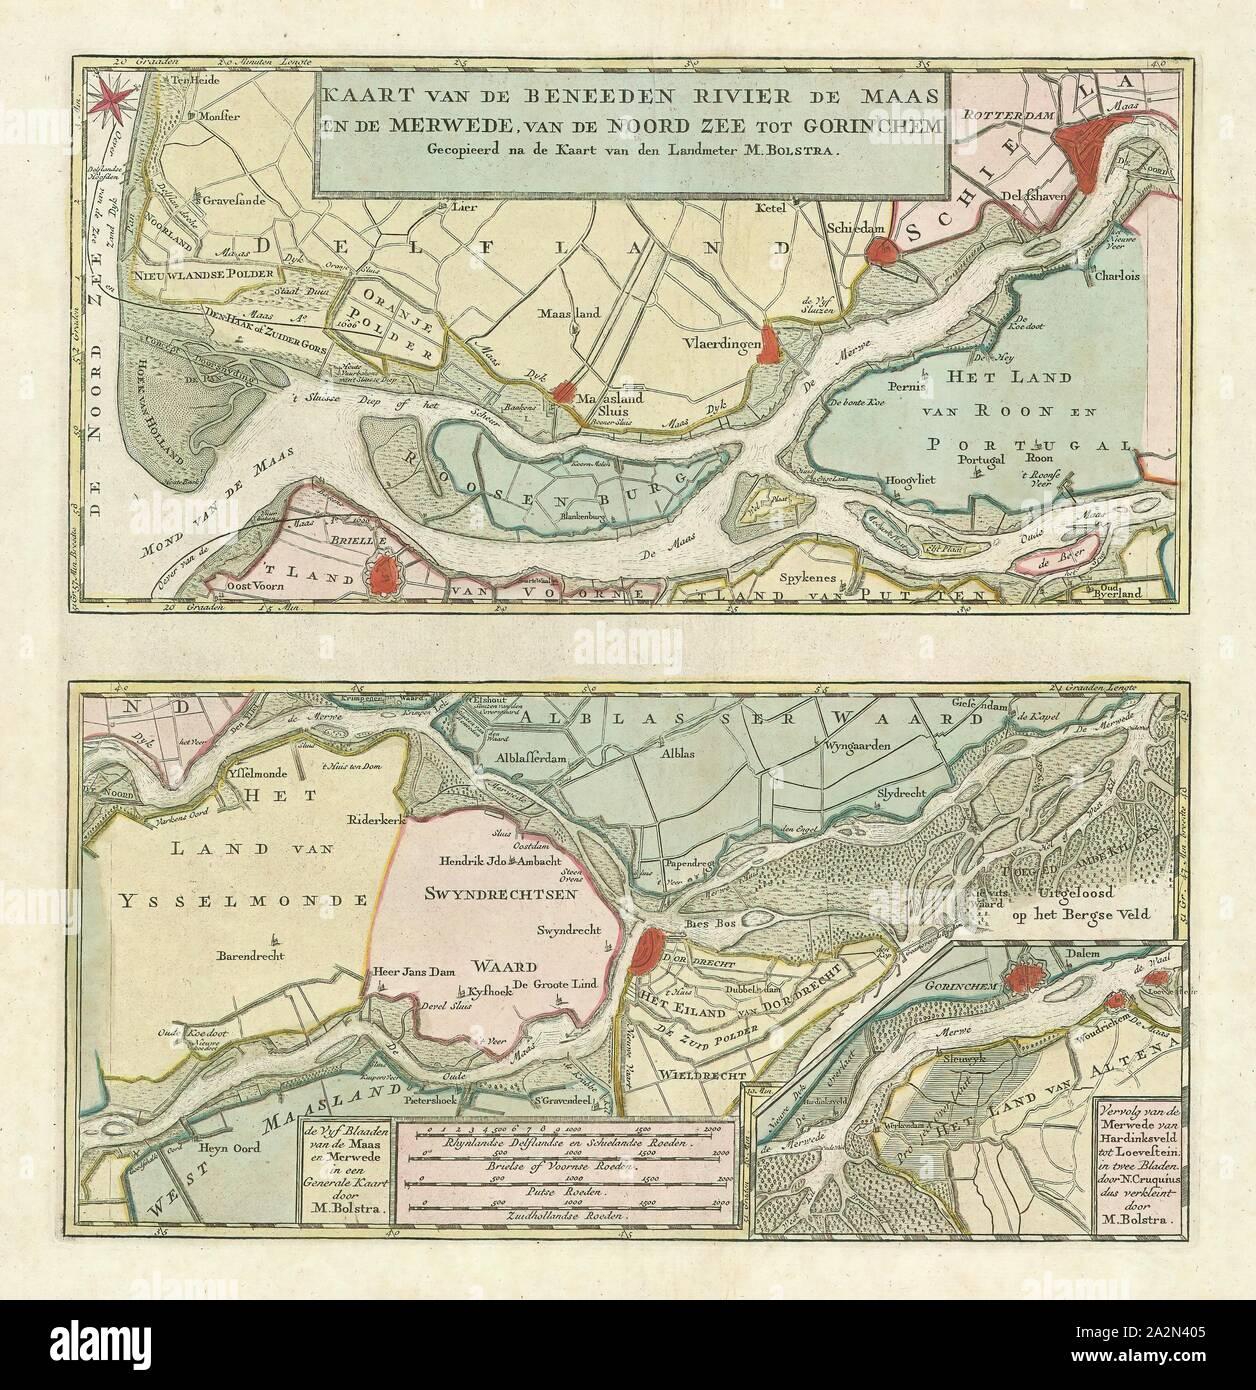 Map, Kaart van de Beneeden rivier de Maas en de Merwede, van de Noord Zee tot Gorinchem, Melchior Bolstra (1704-1779), Copperplate print Stock Photo